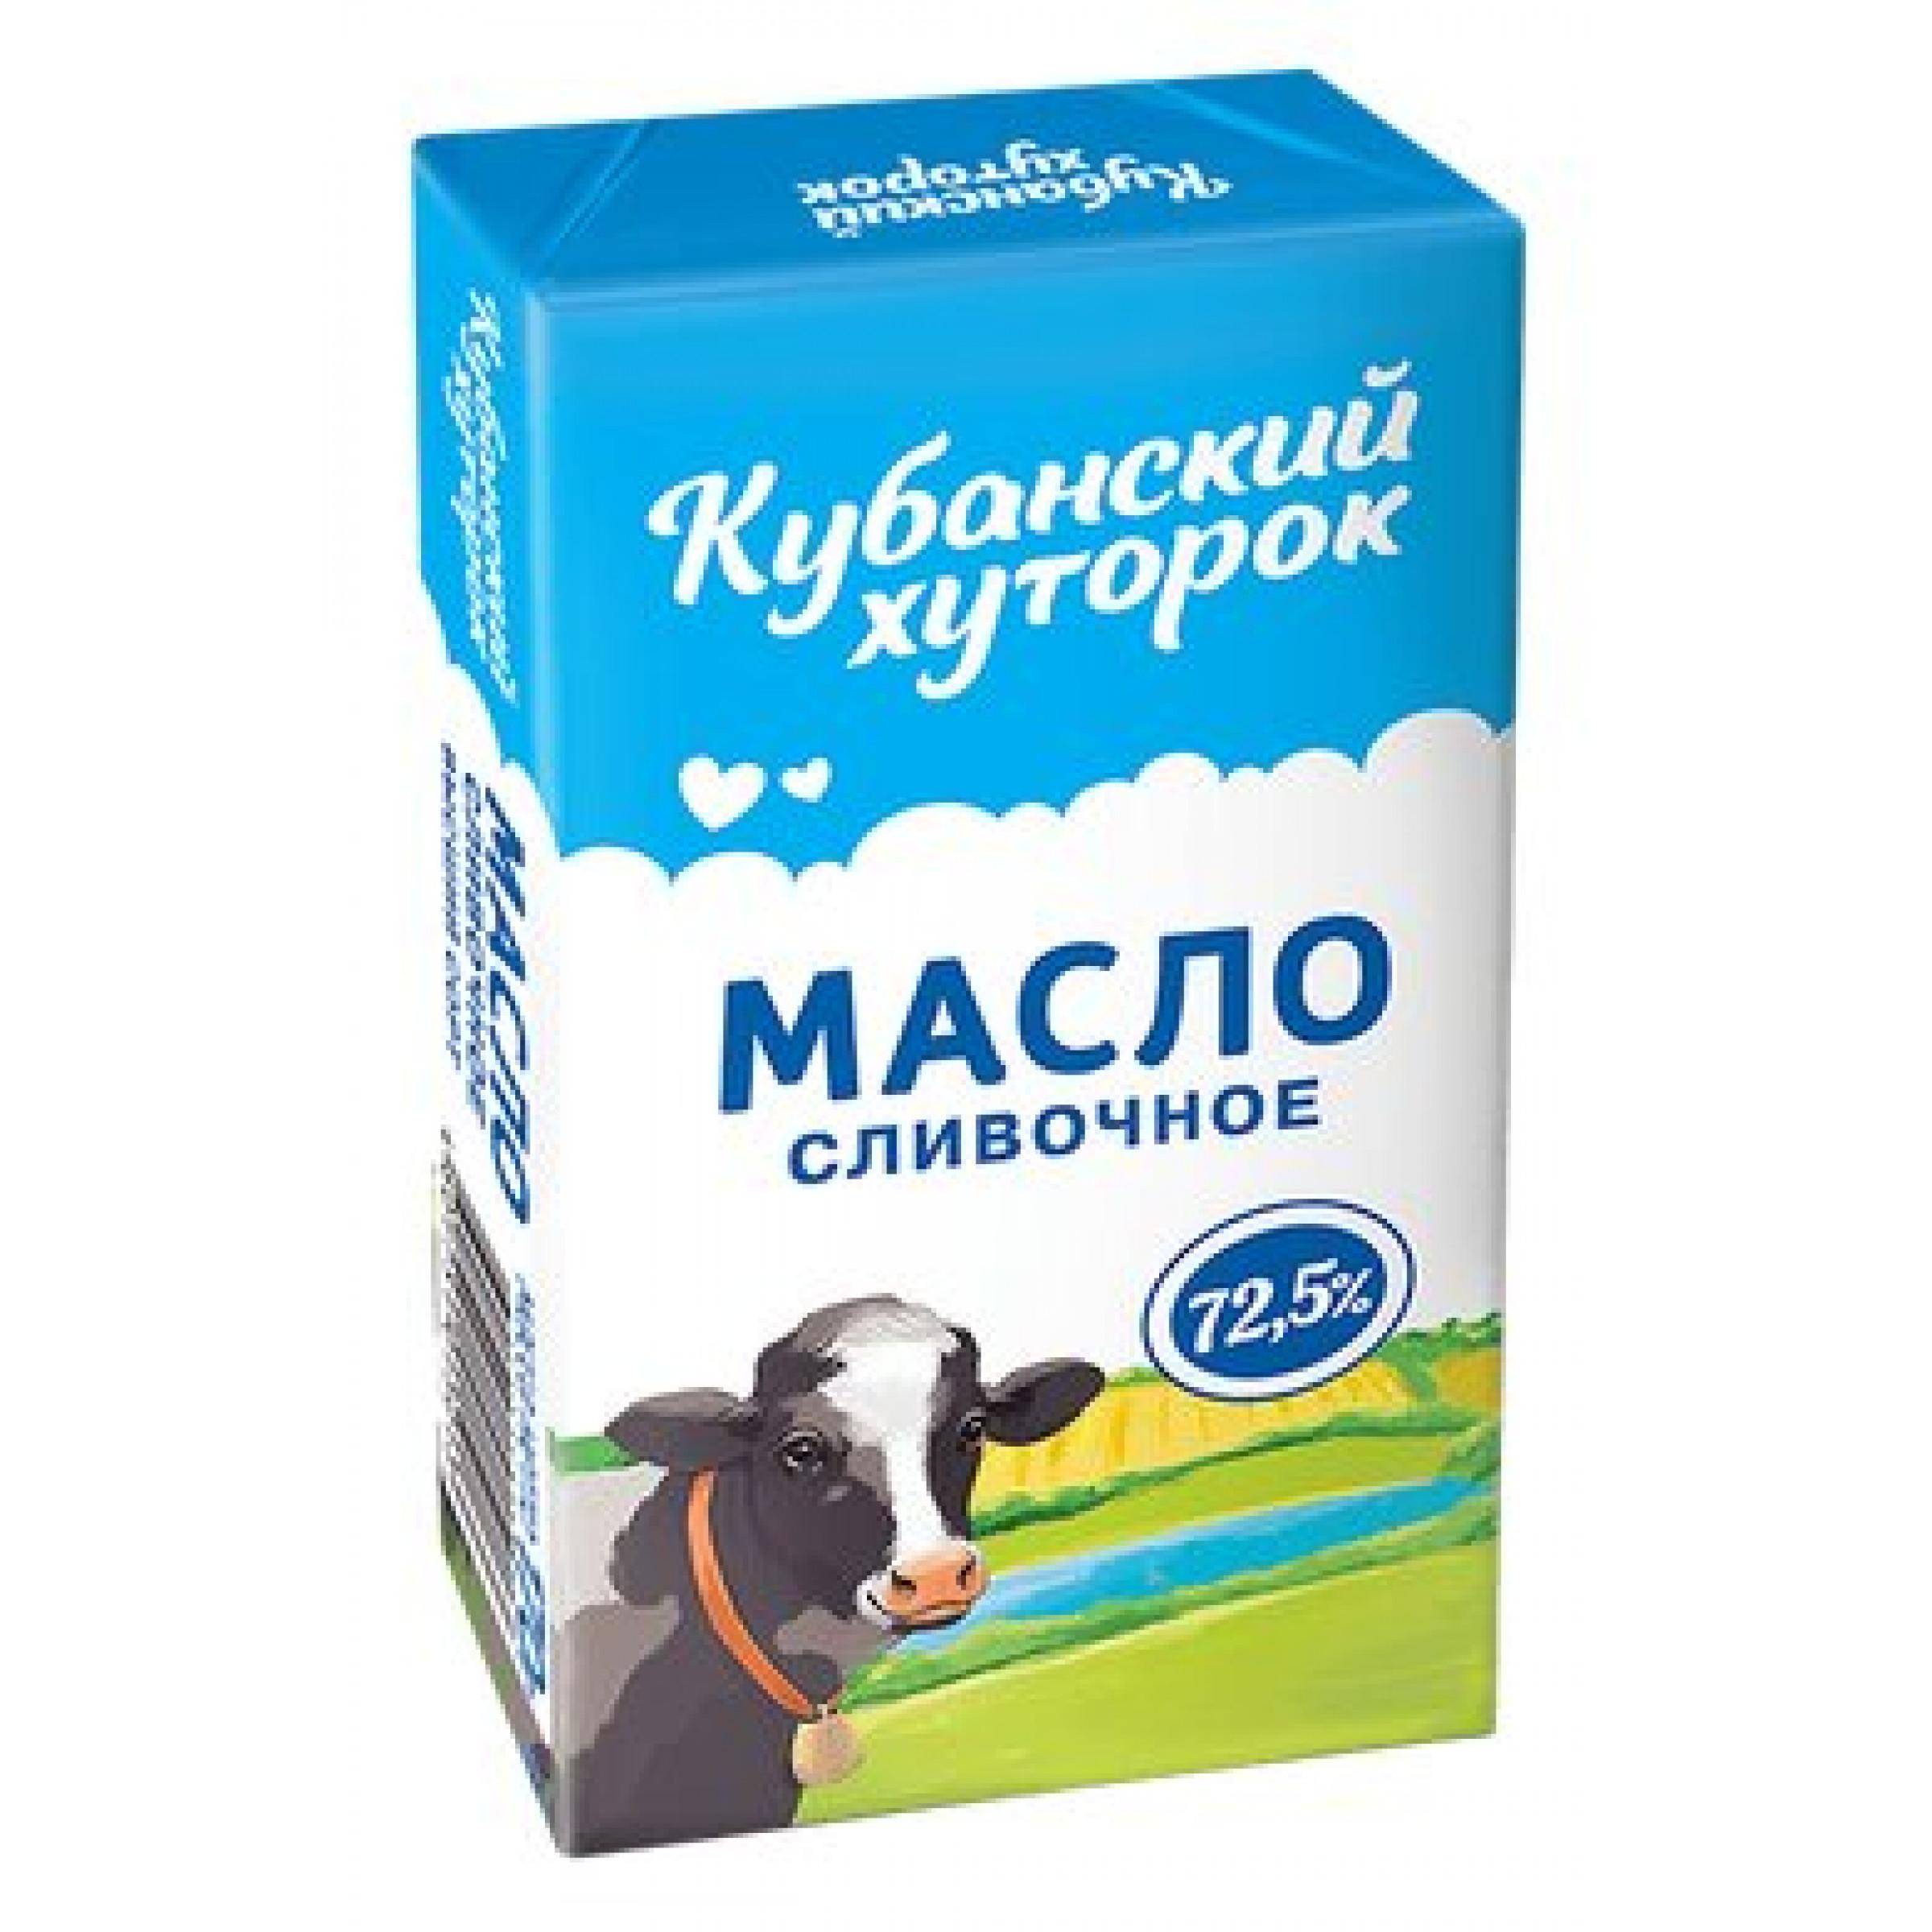 """Масло """"Кубанский хуторок"""" 72, 5% Крестьянское, 170гр."""